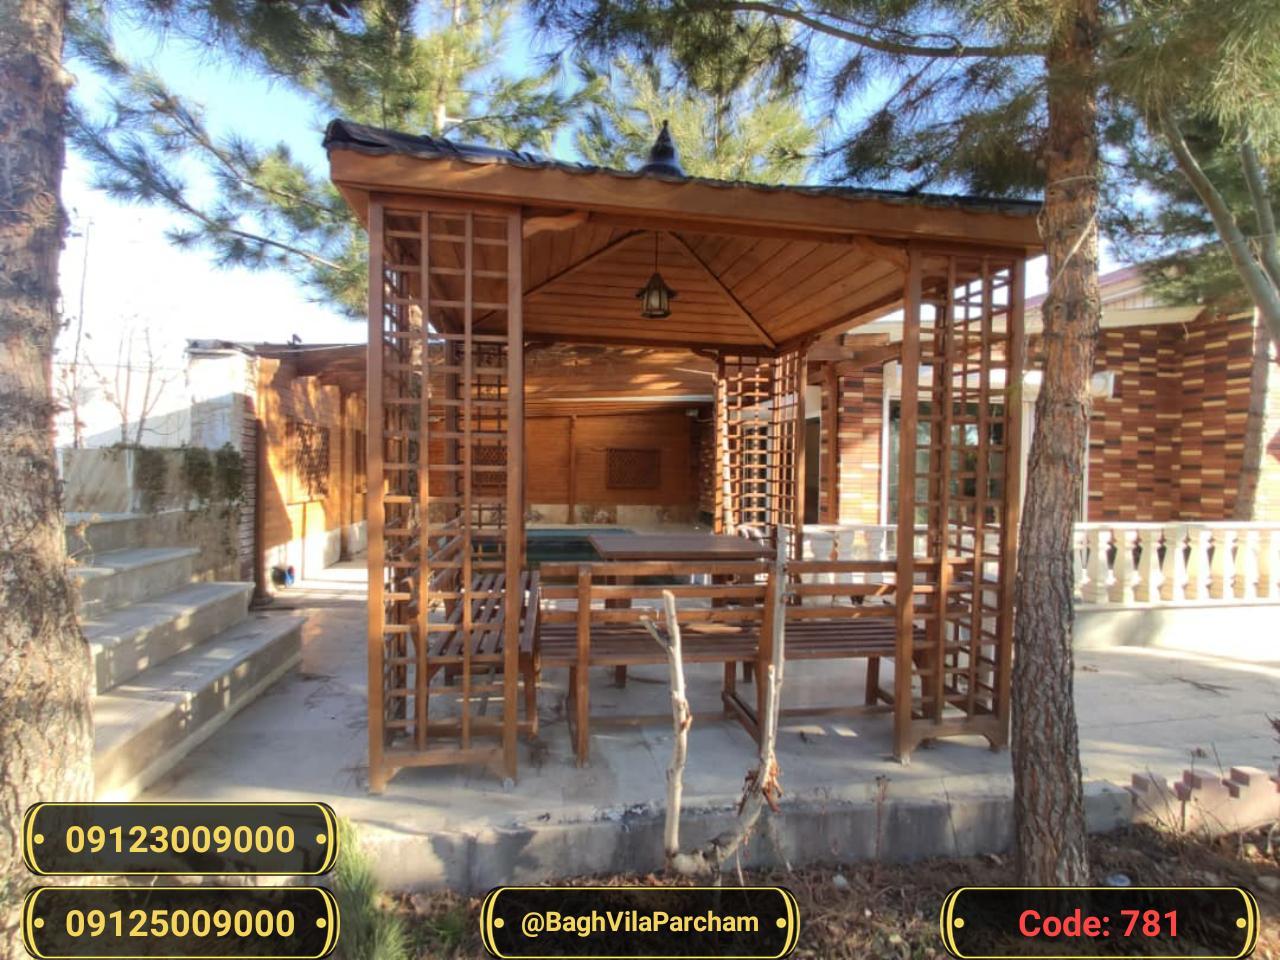 تصویر عکس باغ ویلا شماره 5 از ویلای ۱۰۵۰ متر ویلا Picture photo image 5 of ۱۰۵۰ متر ویلا